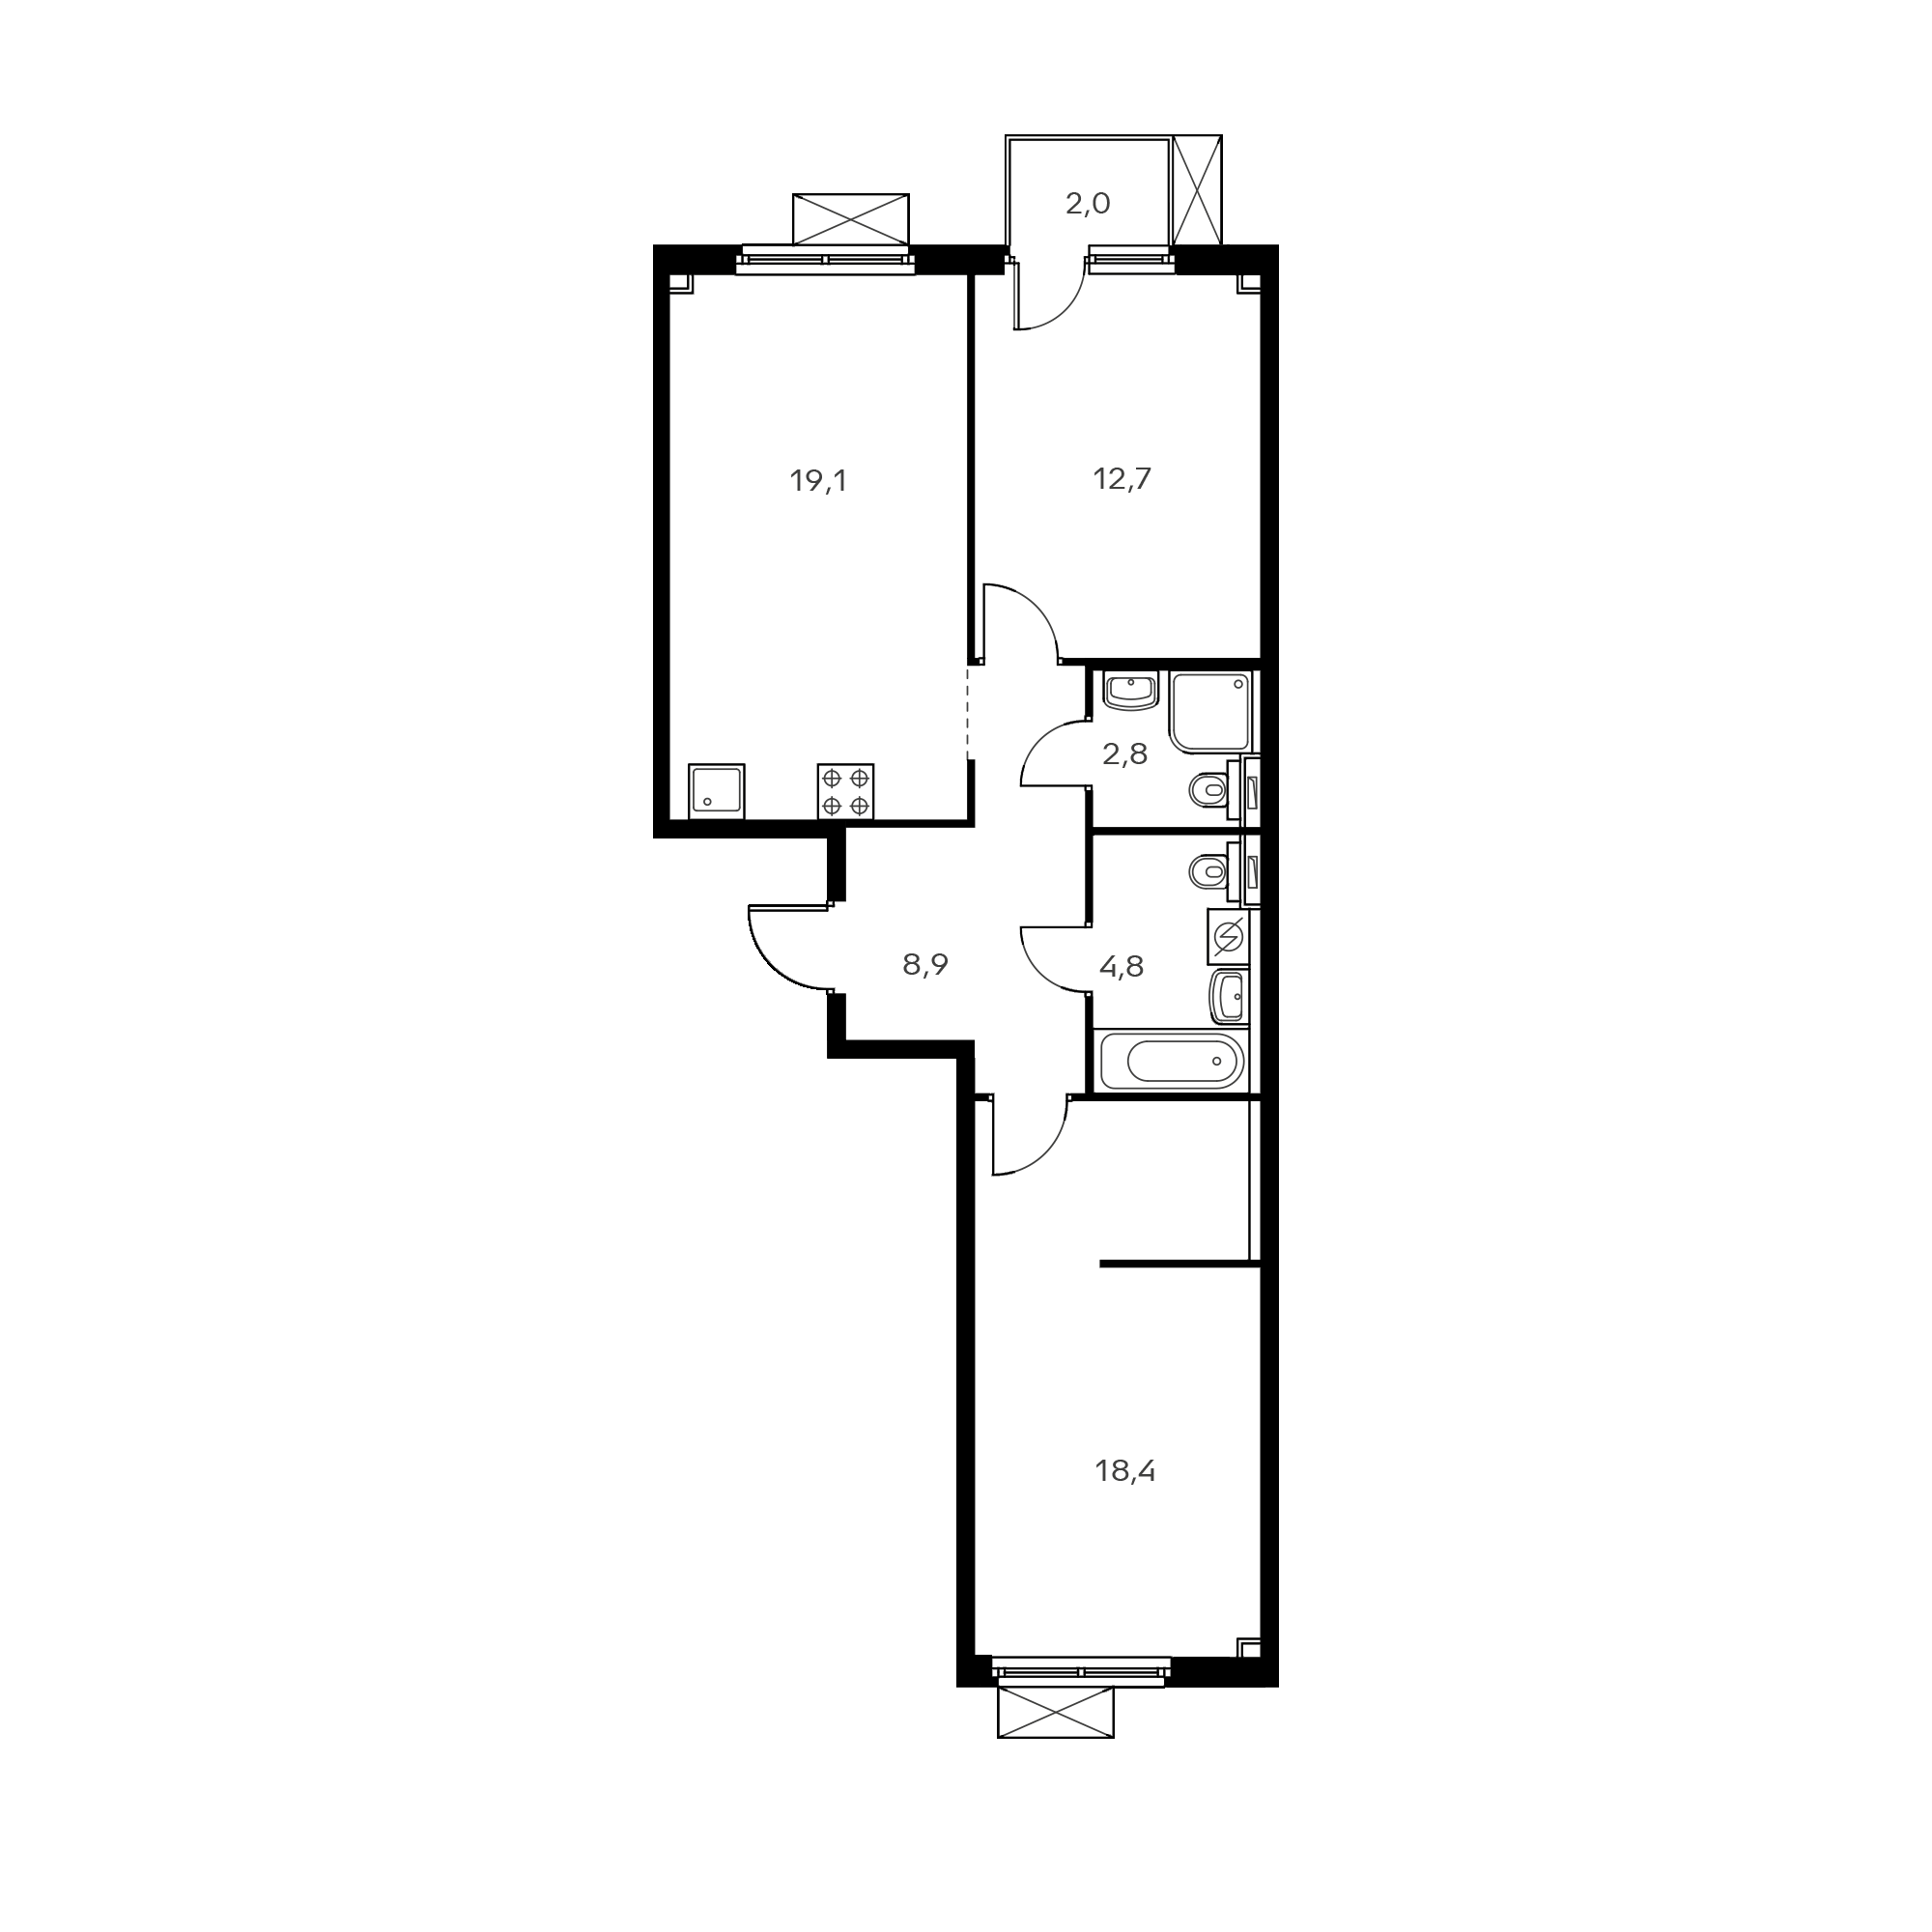 2EL3_6.6-1_B(R2-2,0)